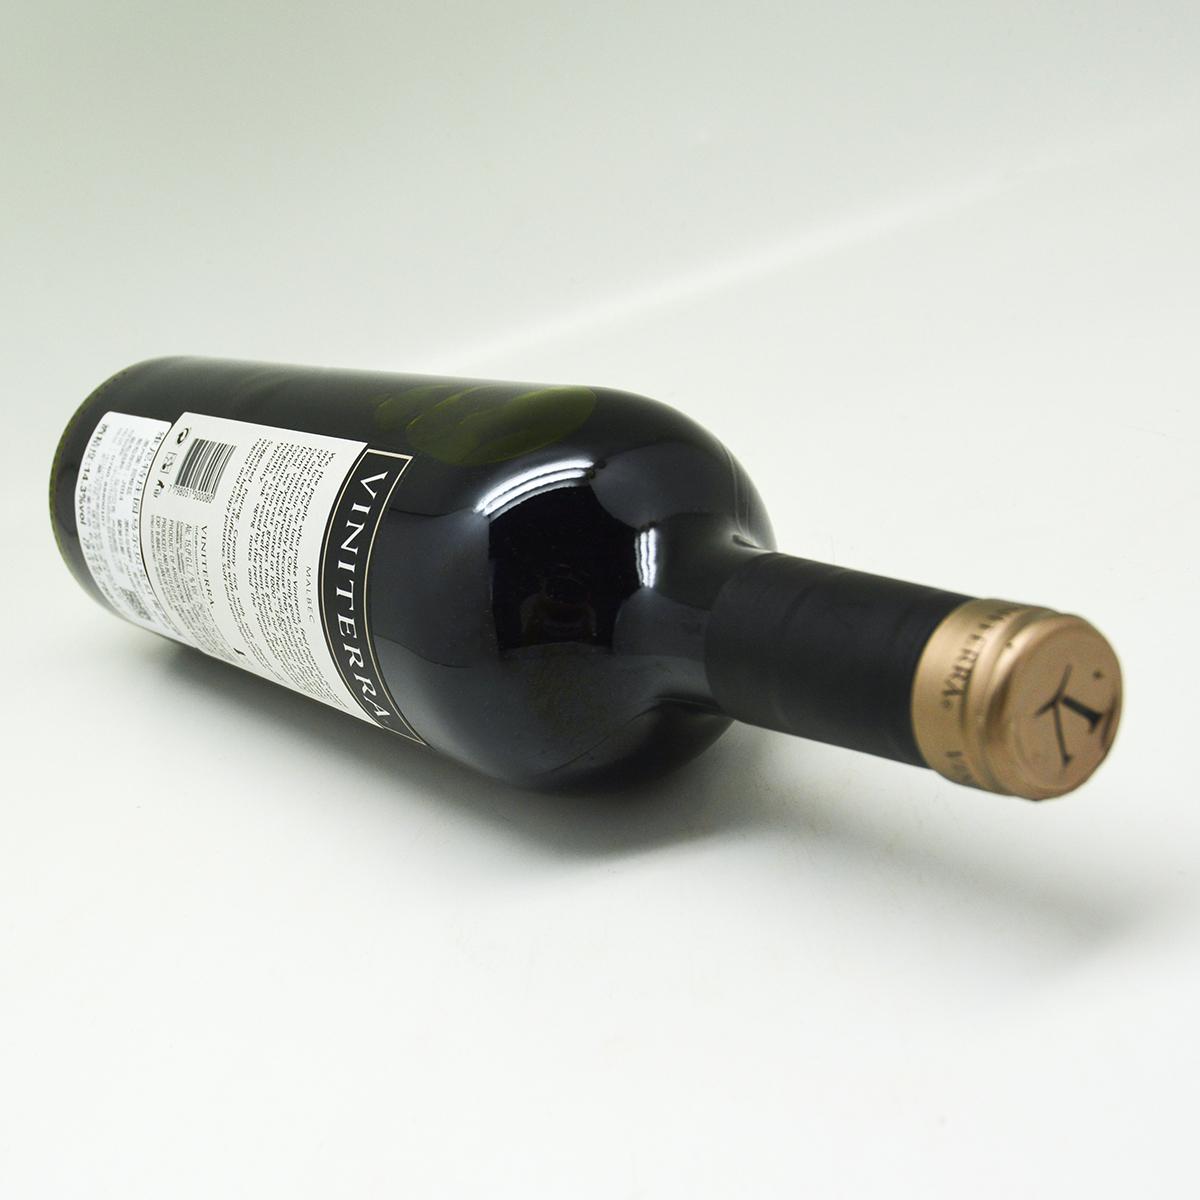 维尼特庄园马尔贝克红葡萄酒